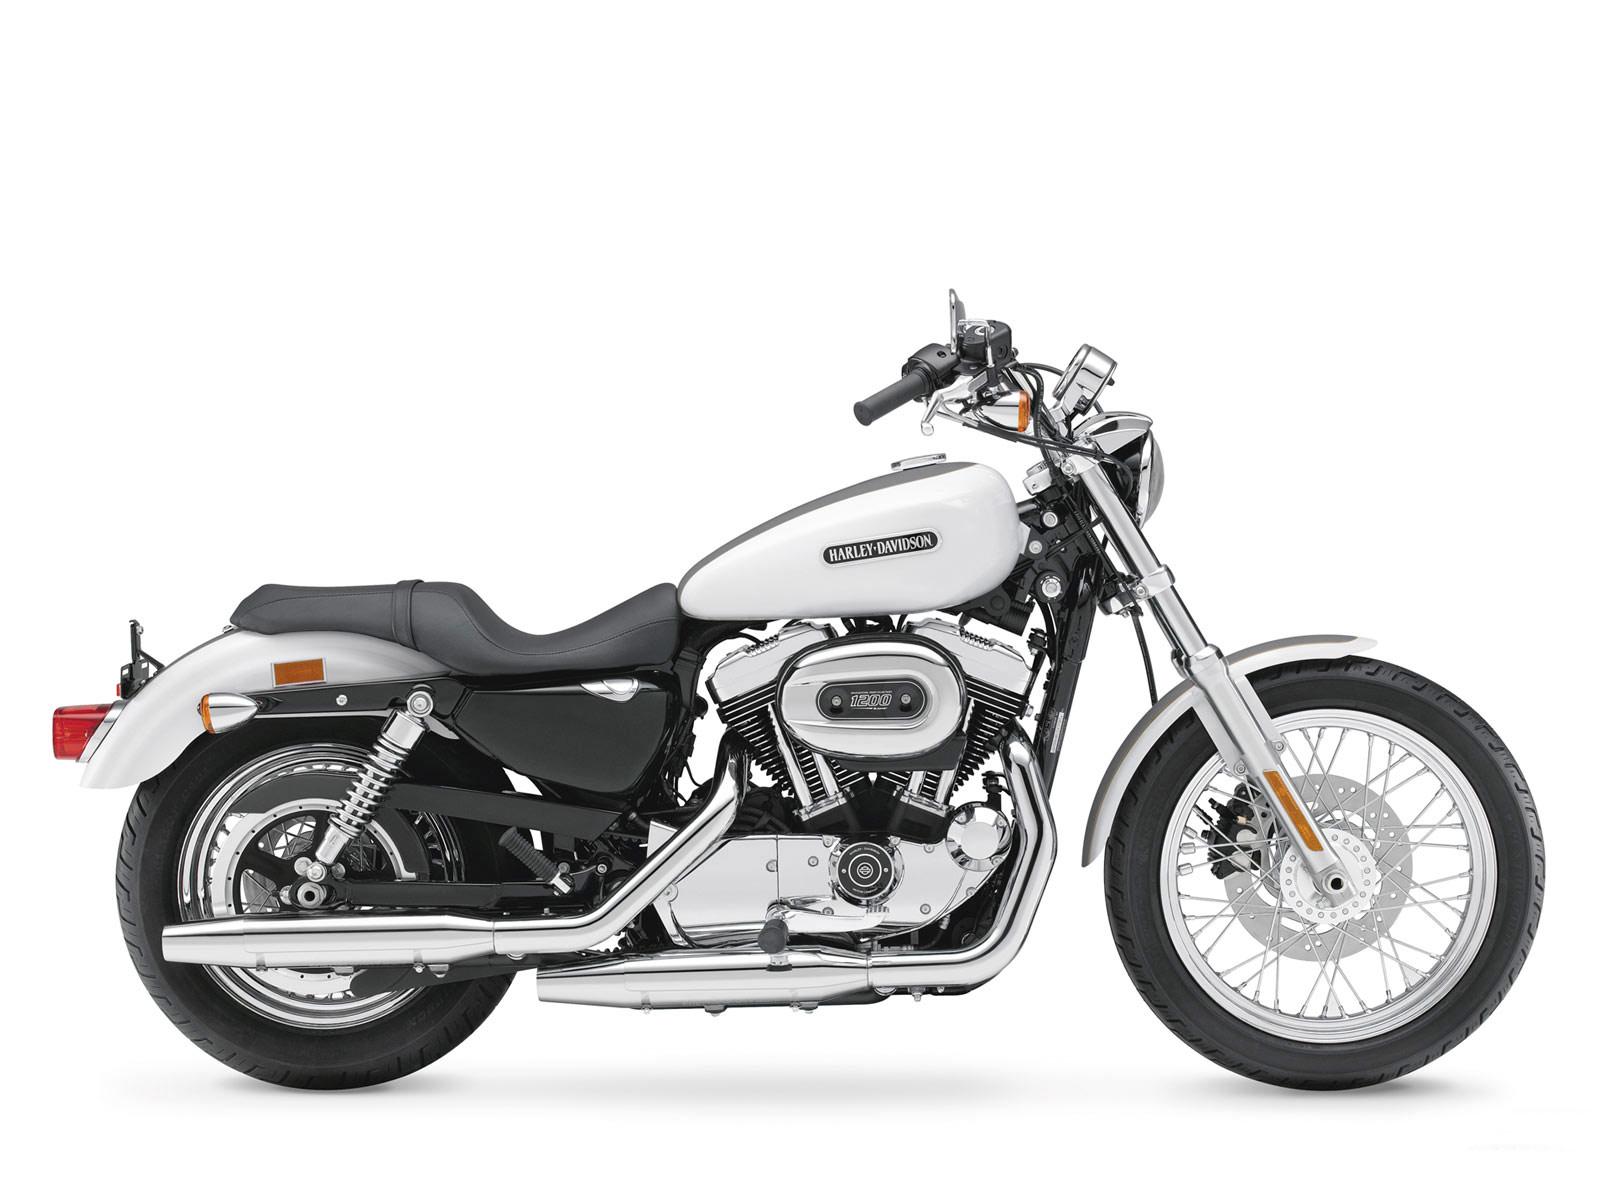 Harley davidson sportster 1200 / Cual es el significado de ... on